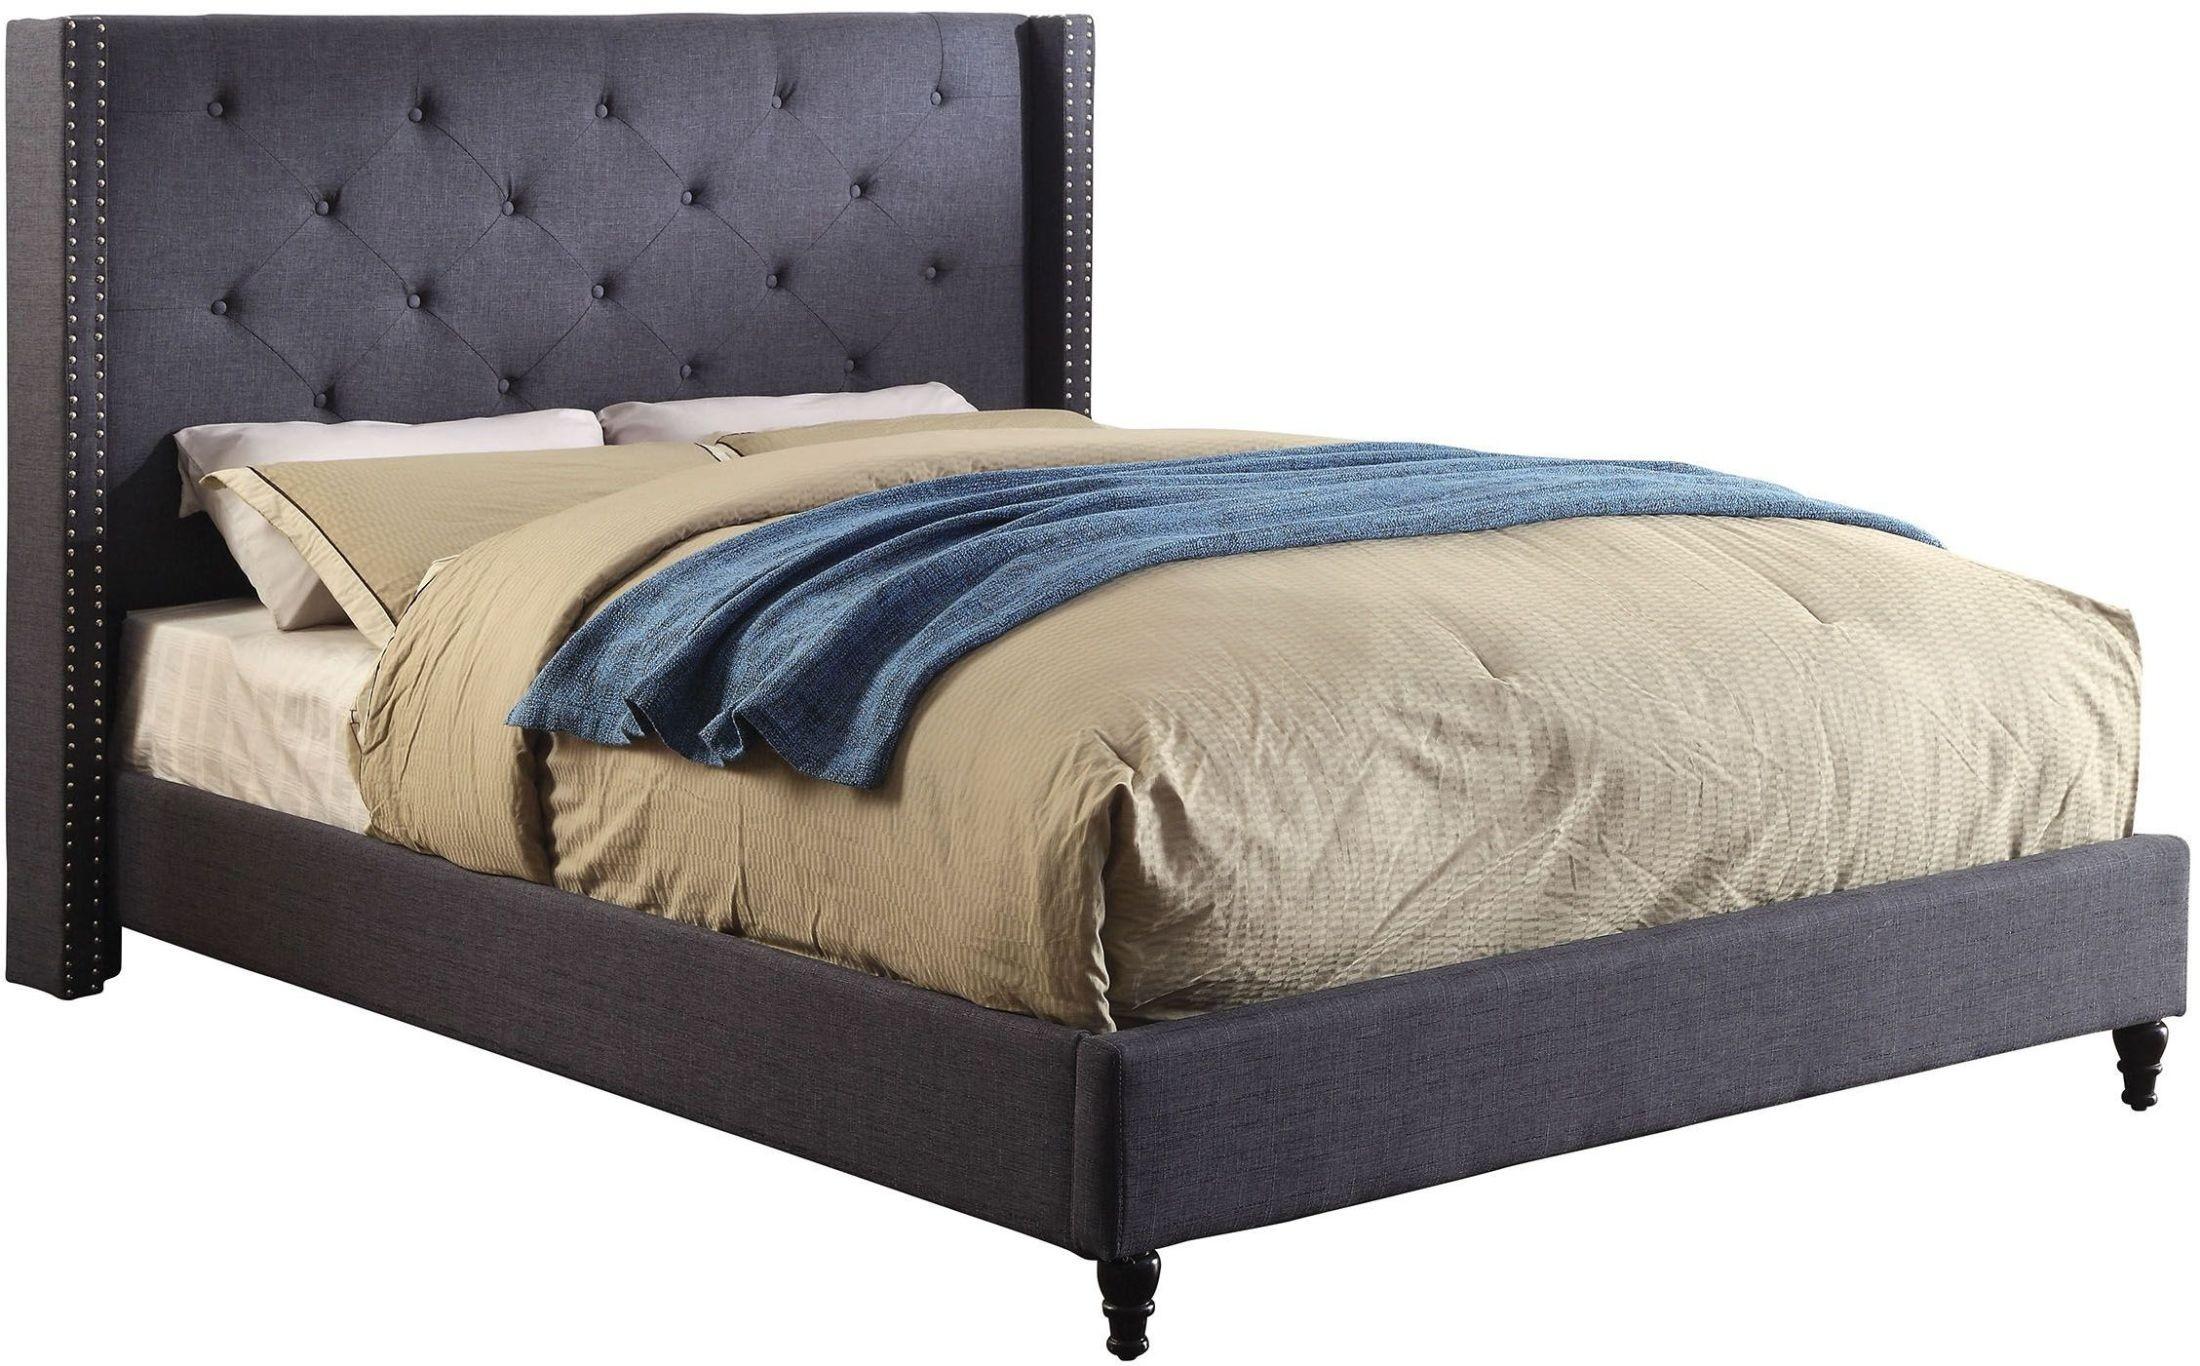 Anabelle Blue Cal King Upholstered Platform Bed Cm Bl